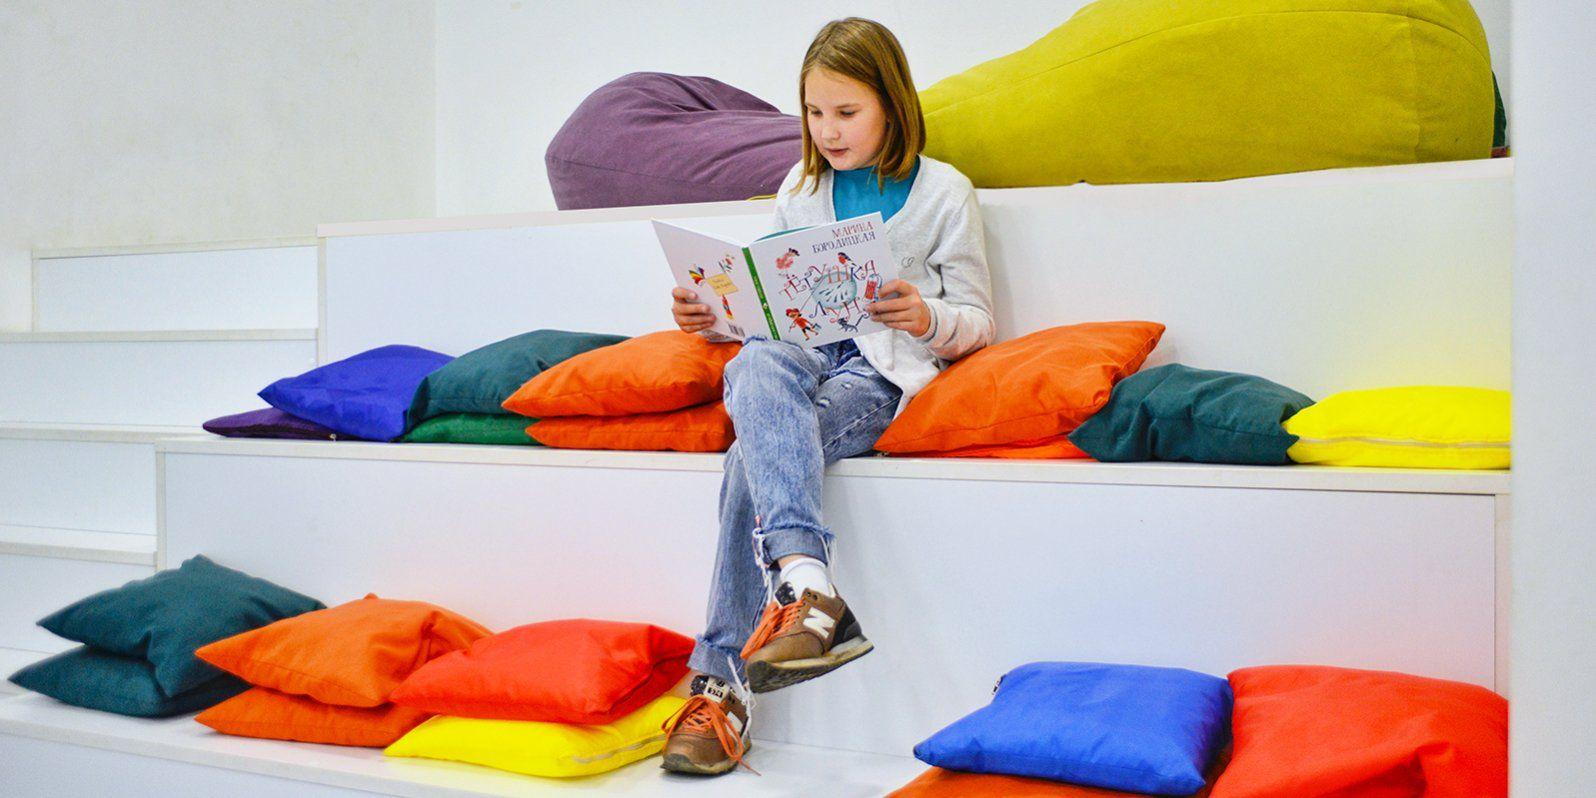 День знаний отметили в детской библиотеке района Якиманка. Фото: сайт мэра Москвы